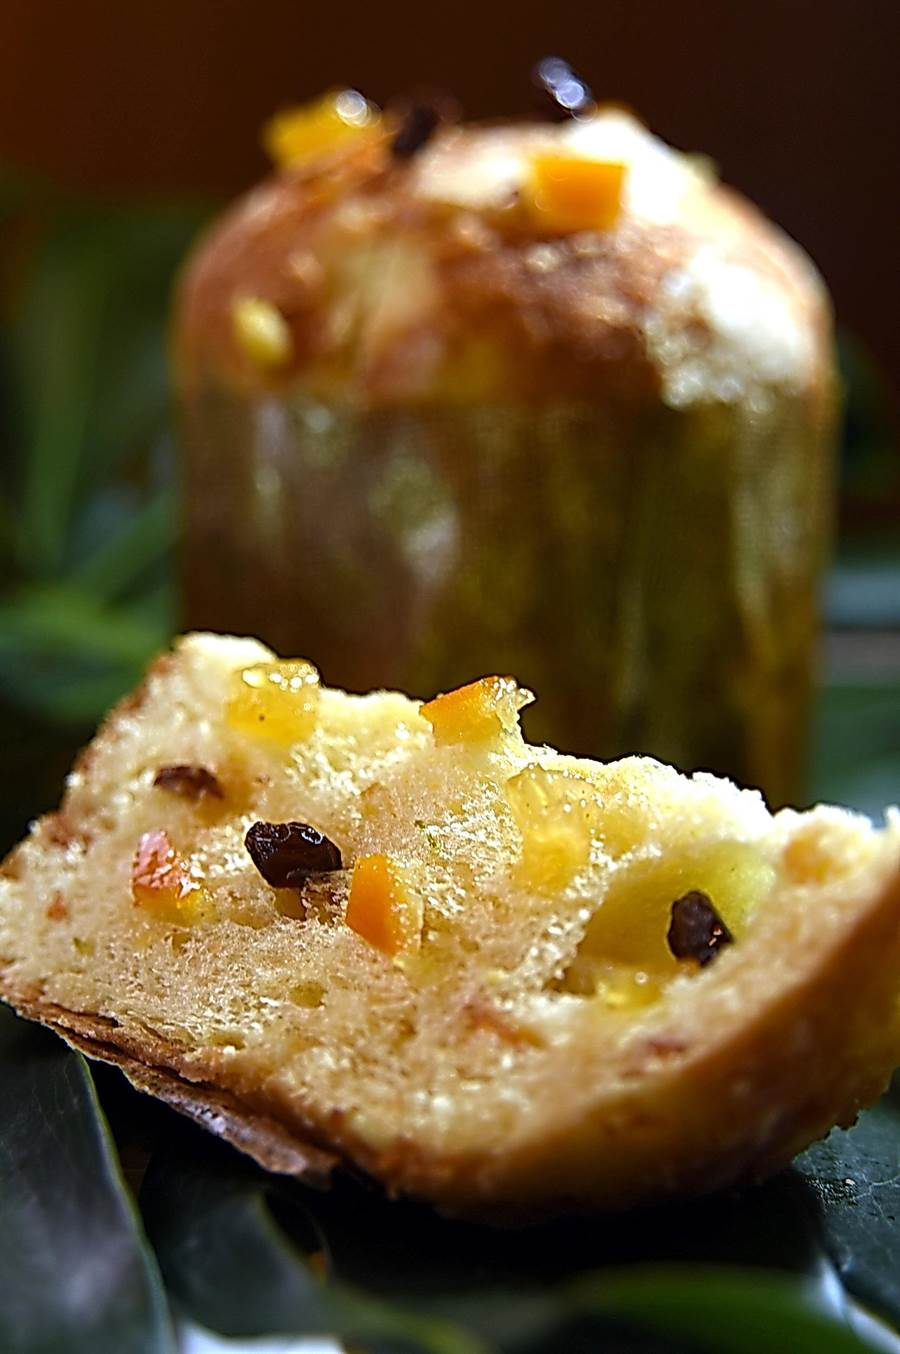 口感介於麵包與蛋糕間的〈L.Z.義式水果托尼〉,內有以台灣古法封罐蜜漬的柳橙、檸檬、鳳梨與葡萄果乾。(攝影/姚舜)